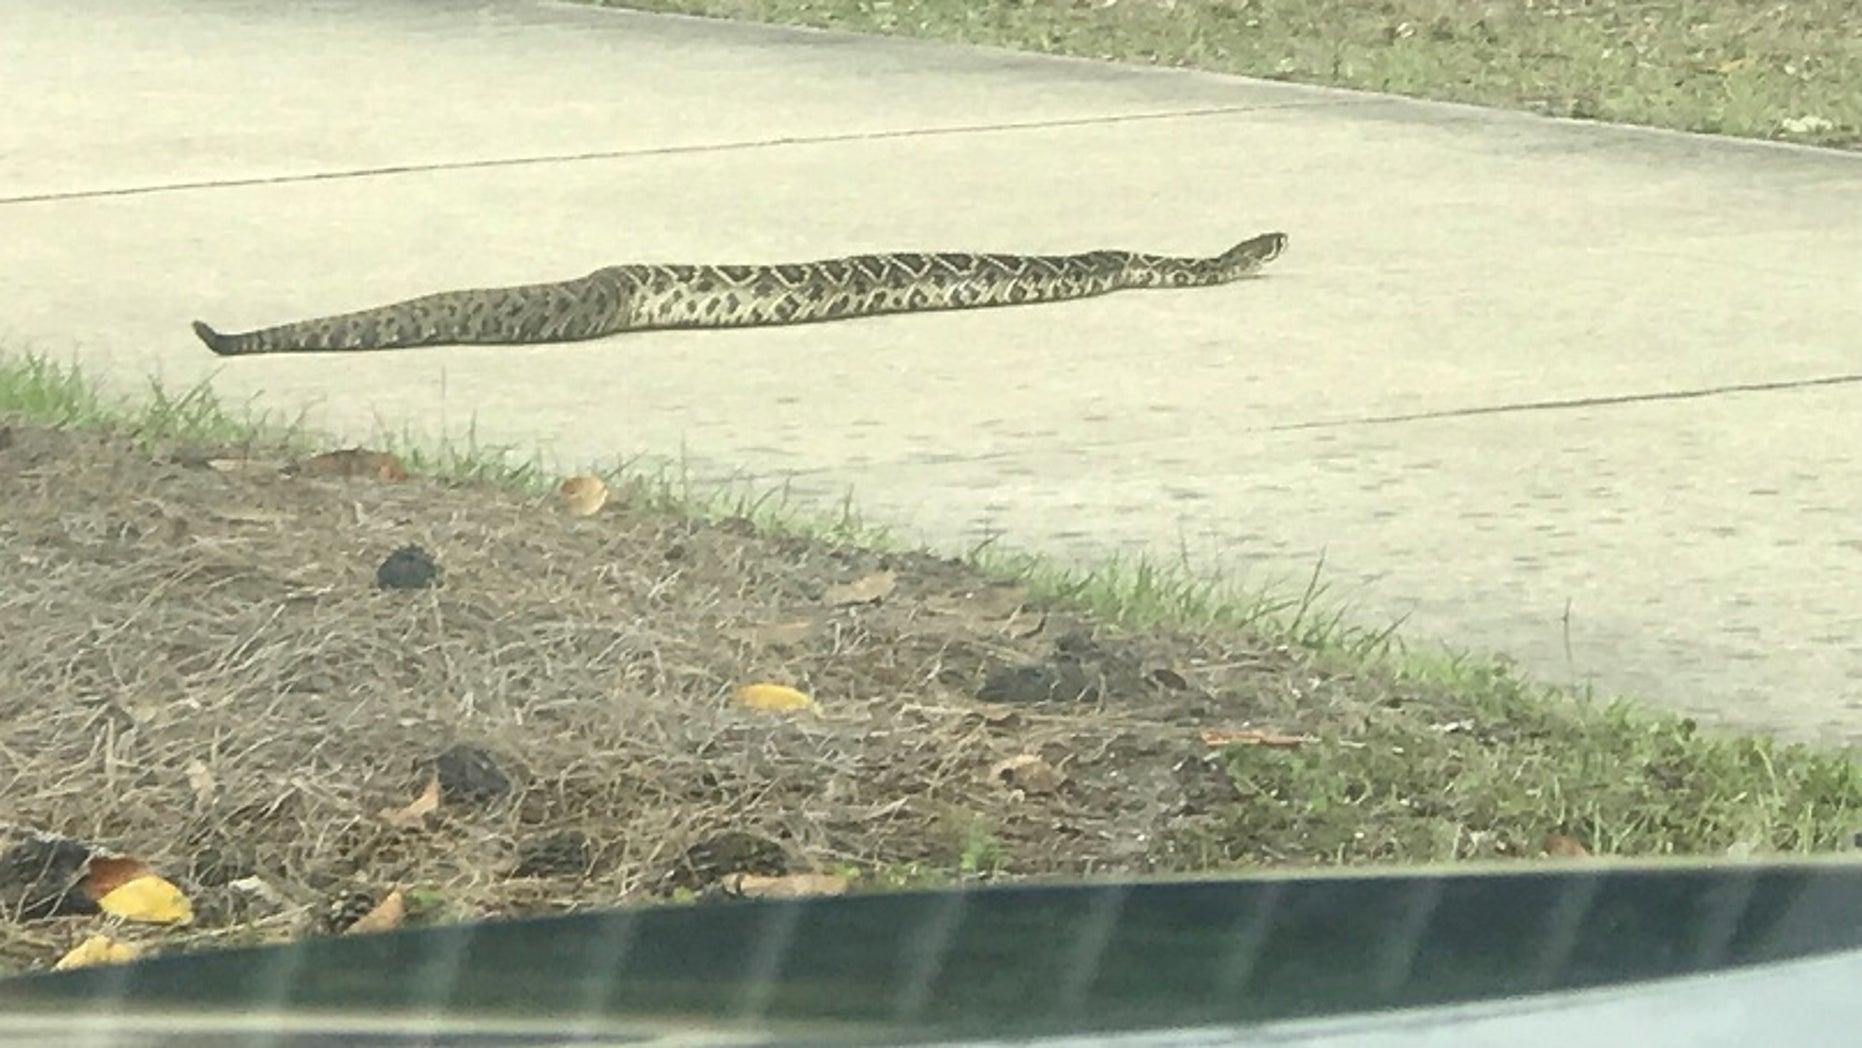 Monster' diamondback rattlesnake spotted in Florida | Fox News